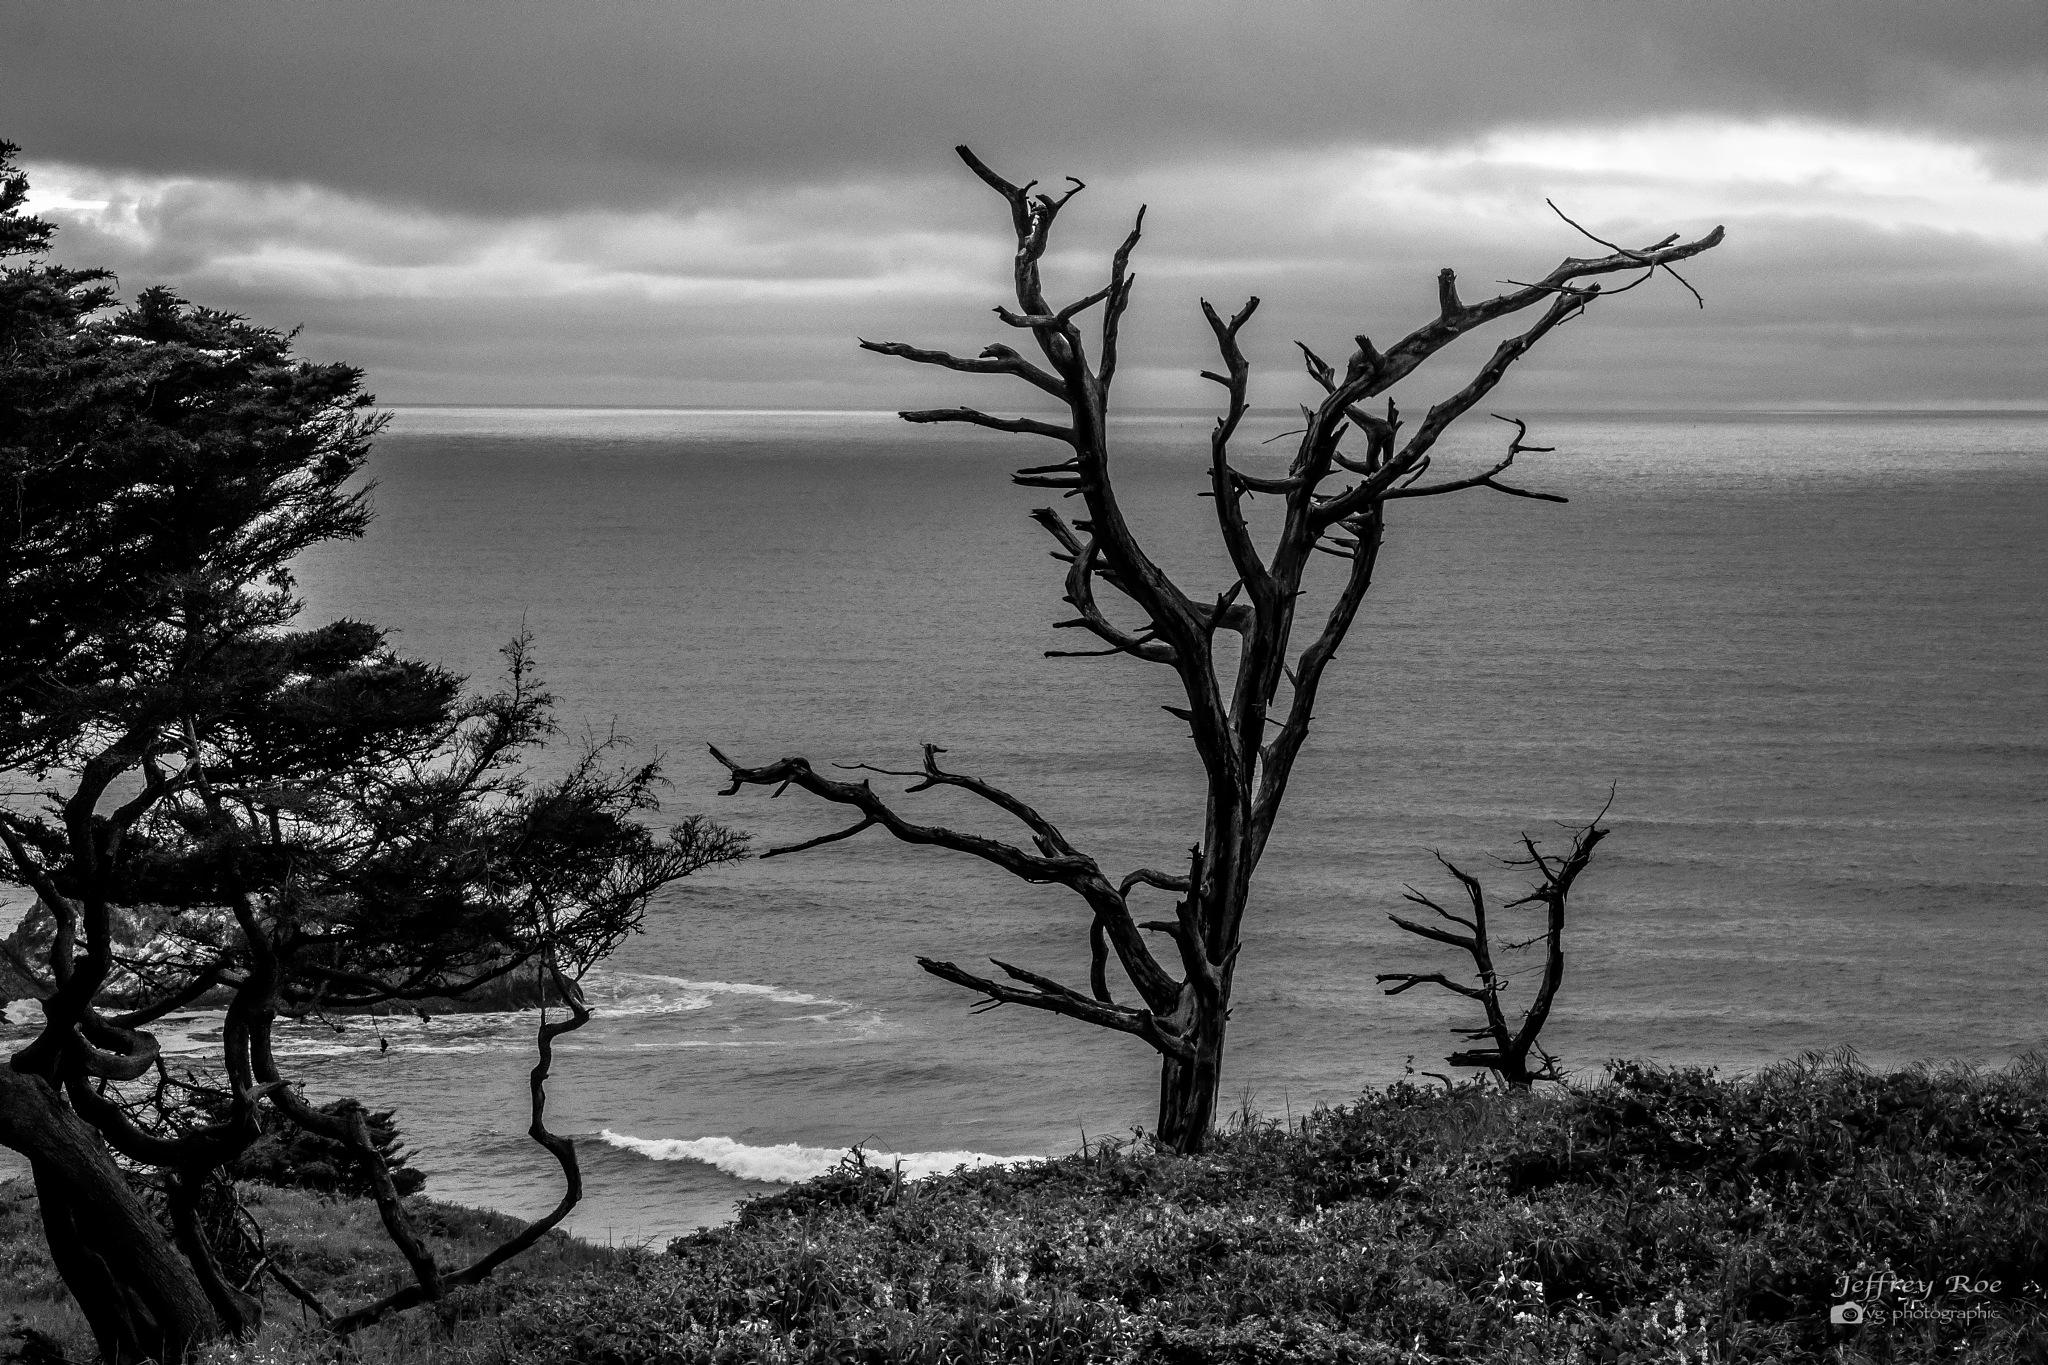 Promontory Tree  by Jeffrey Roe